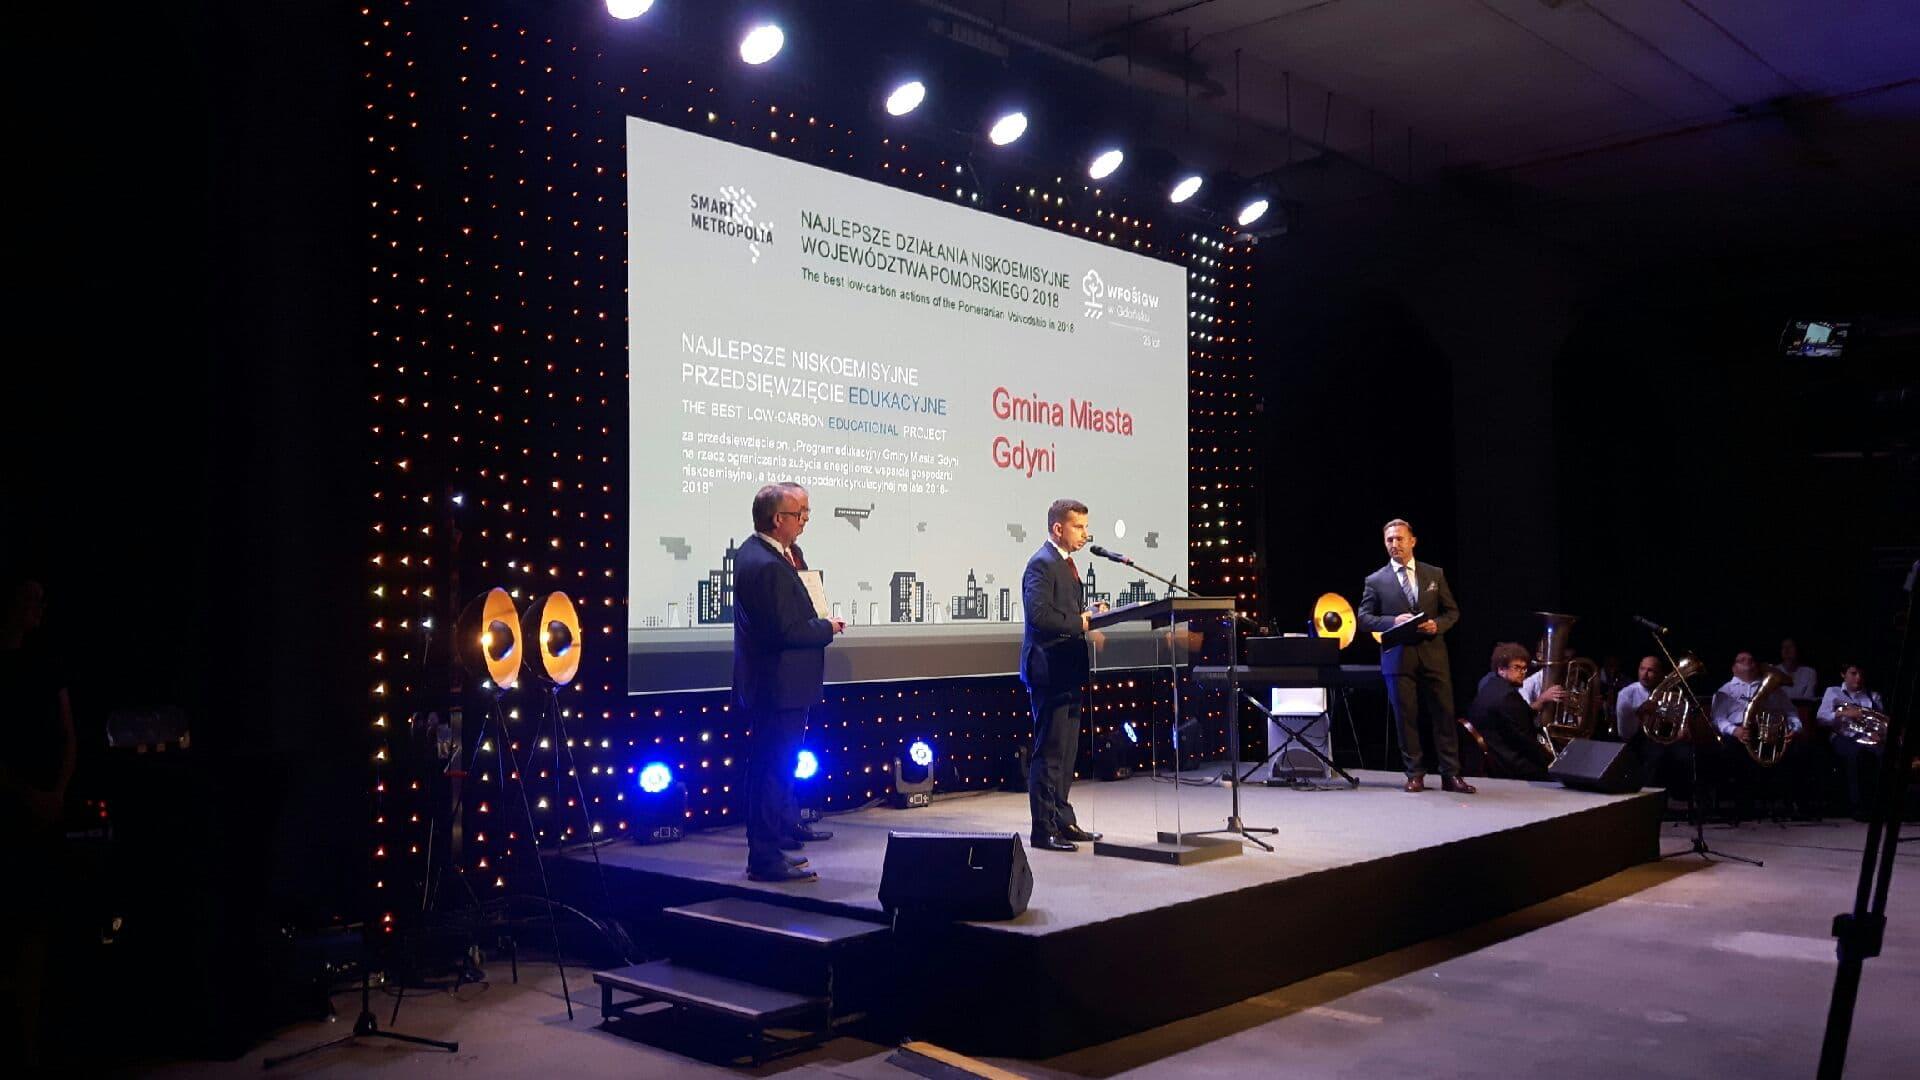 Nagrodę odebrał Sebastian Jędrzejewski, radny miasta Gdyni